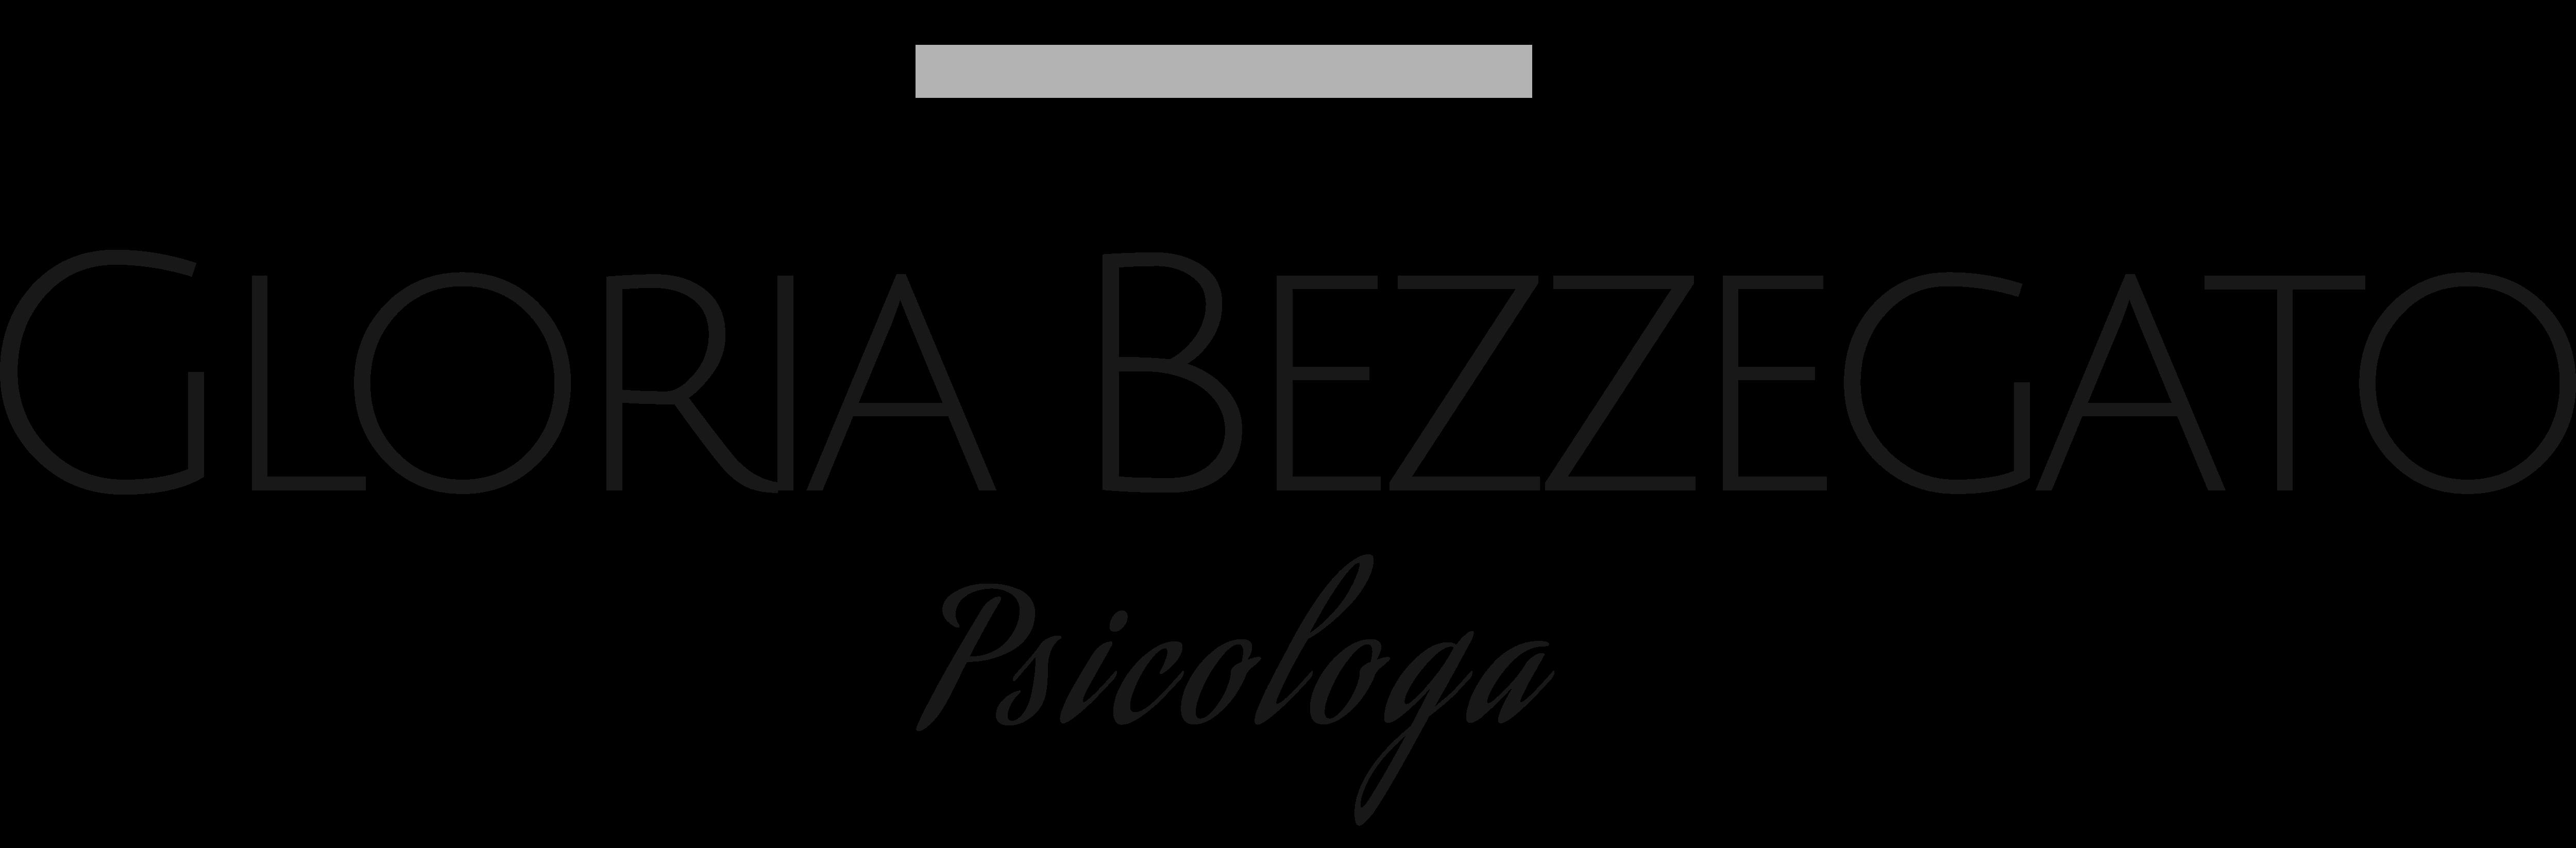 Gloria Bezzegato Psicologa